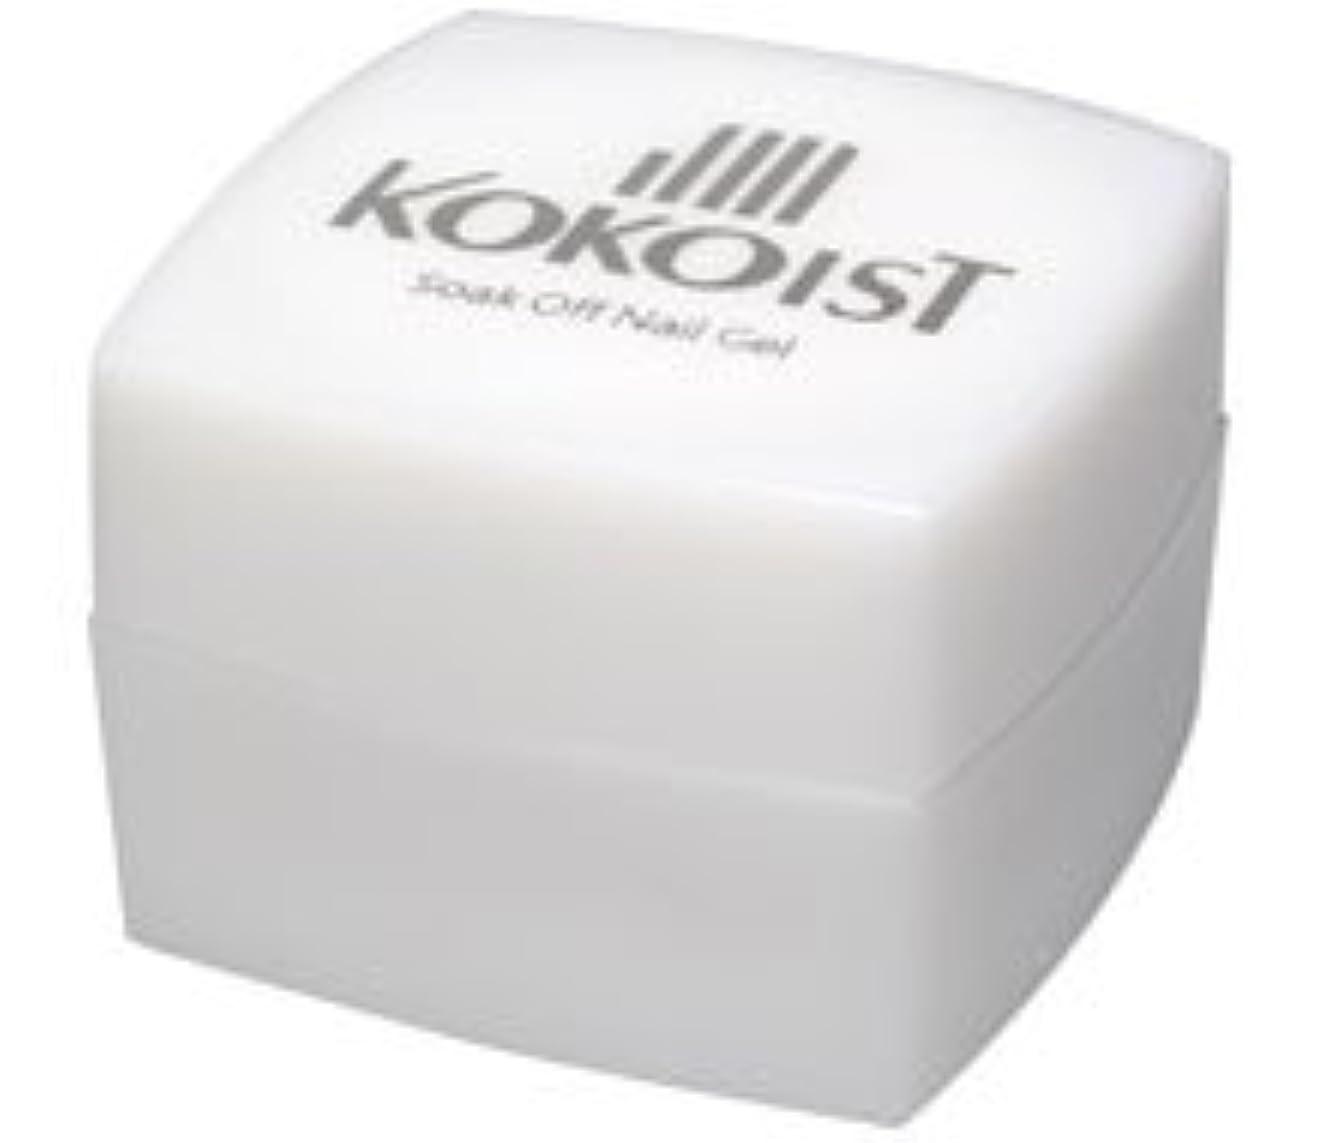 飾り羽北米より平らなKOKOIST(ココイスト) ソークオフ クリアジェル プラチナボンドII 4g